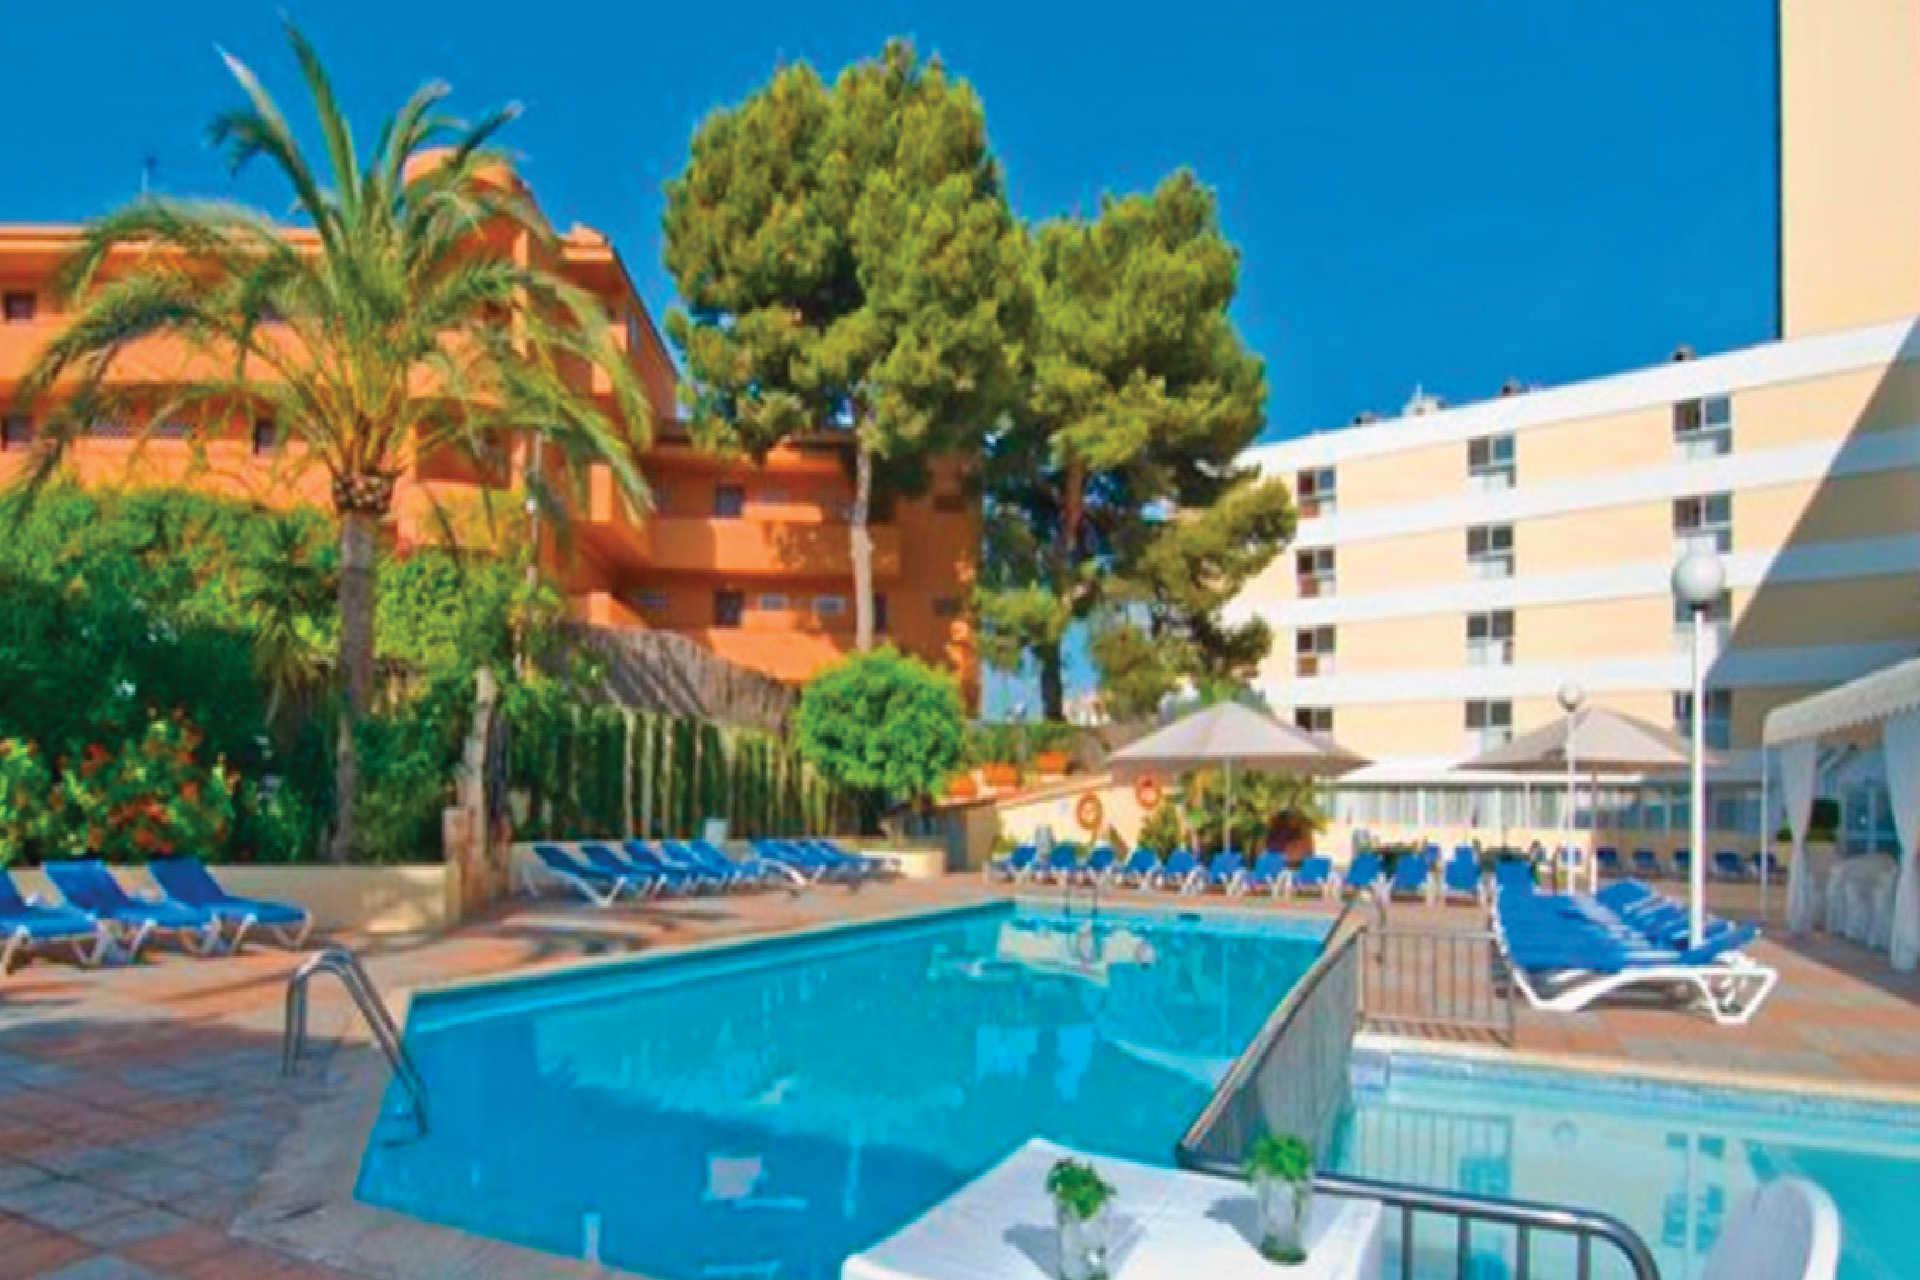 Warum sollten Sie sich für das BelleVue Vistanova Hotel entscheiden?